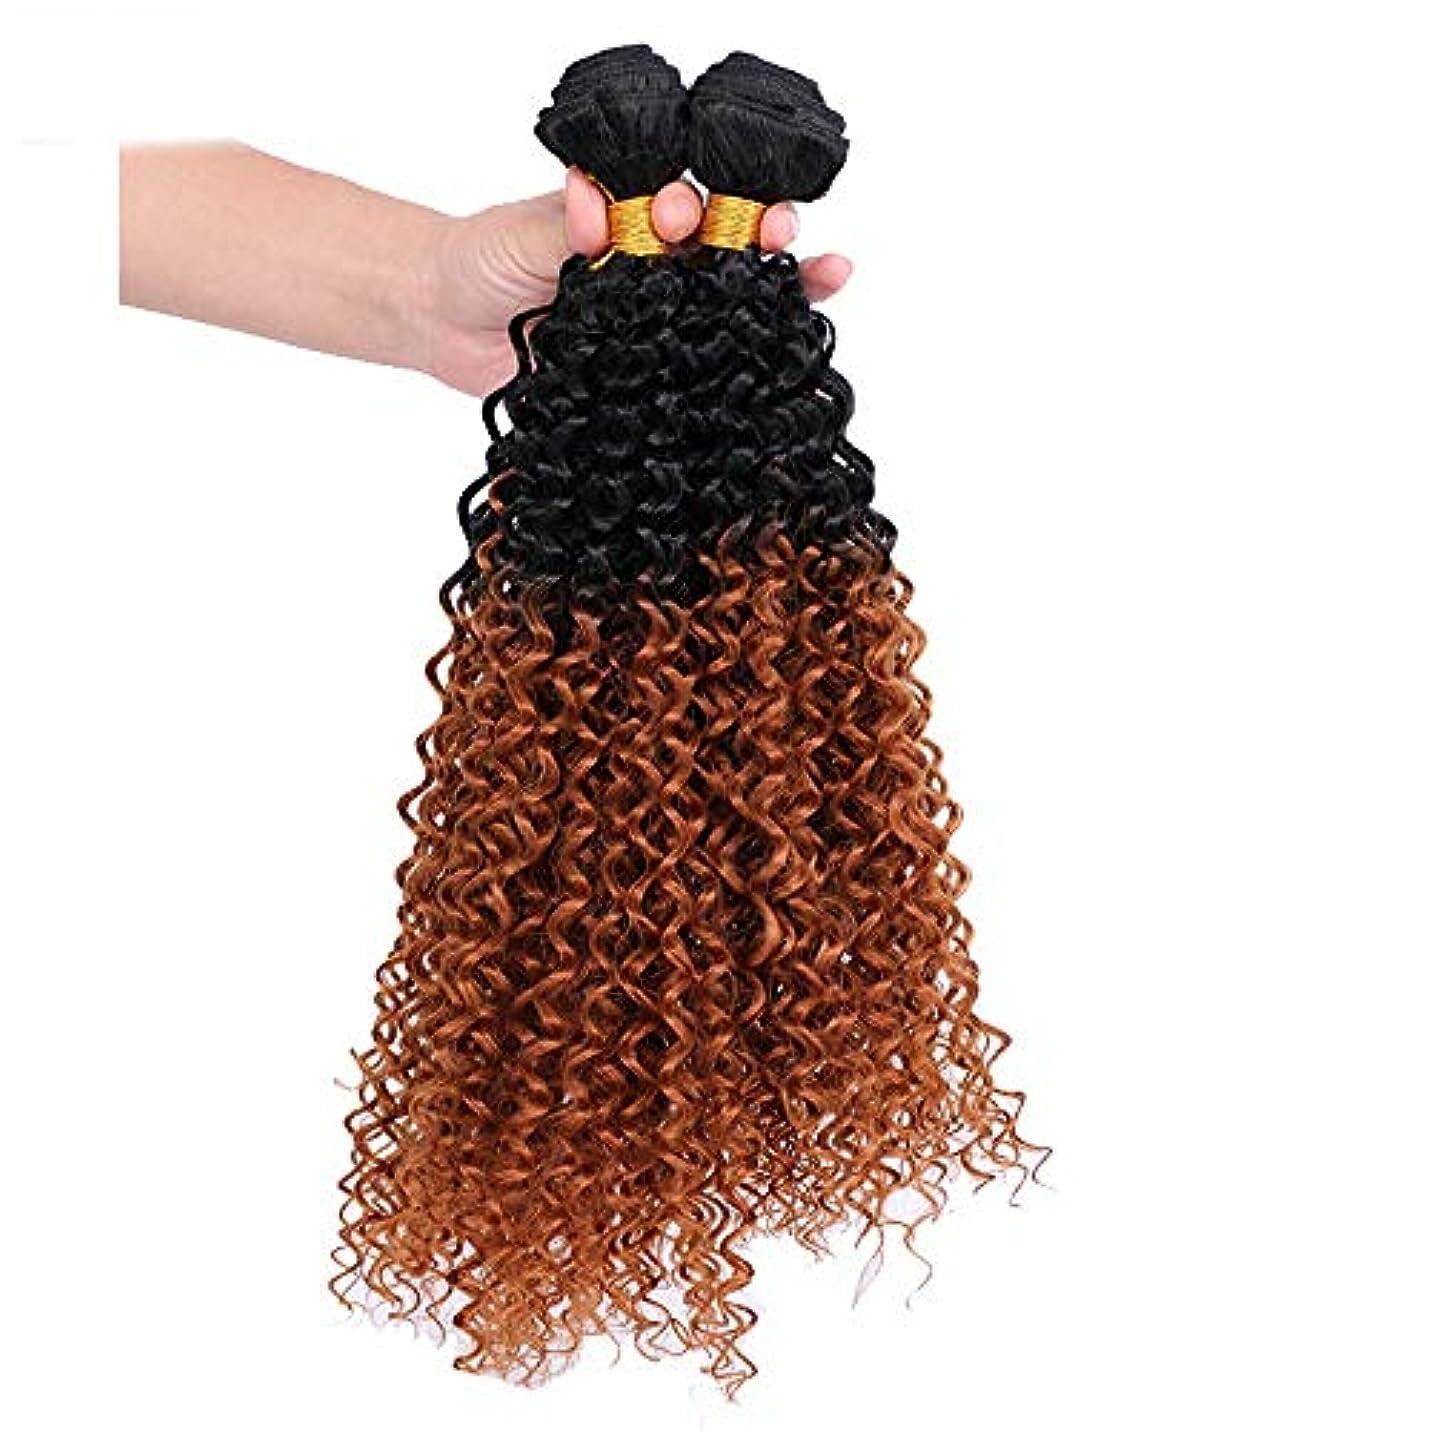 名前地震人形HOHYLLYA 茶色のグラデーション巻き毛の女性のためのコスプレパーティードレス(3バンドル)合成髪レースかつらロールプレイングかつらロングとショートの女性自然 (色 : ブラウン, サイズ : 24inch)